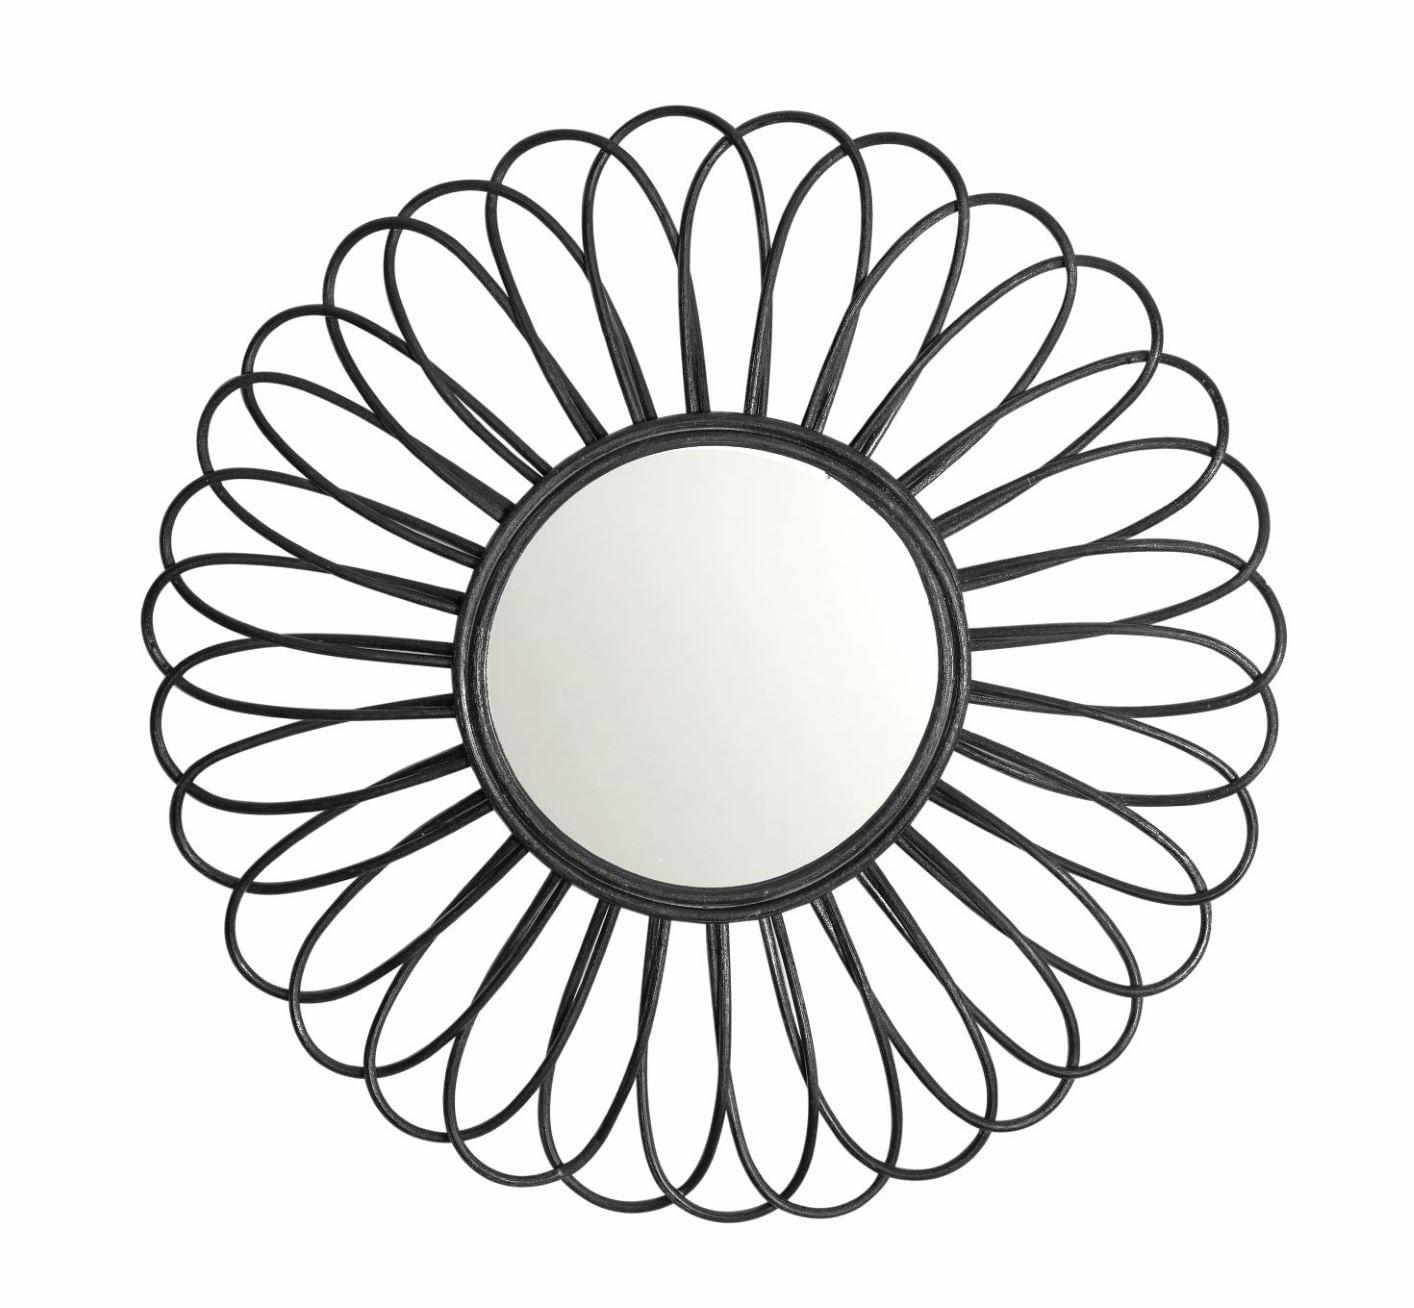 Espelho Decorativo de Parede em Rattan Preto - Formato Flor